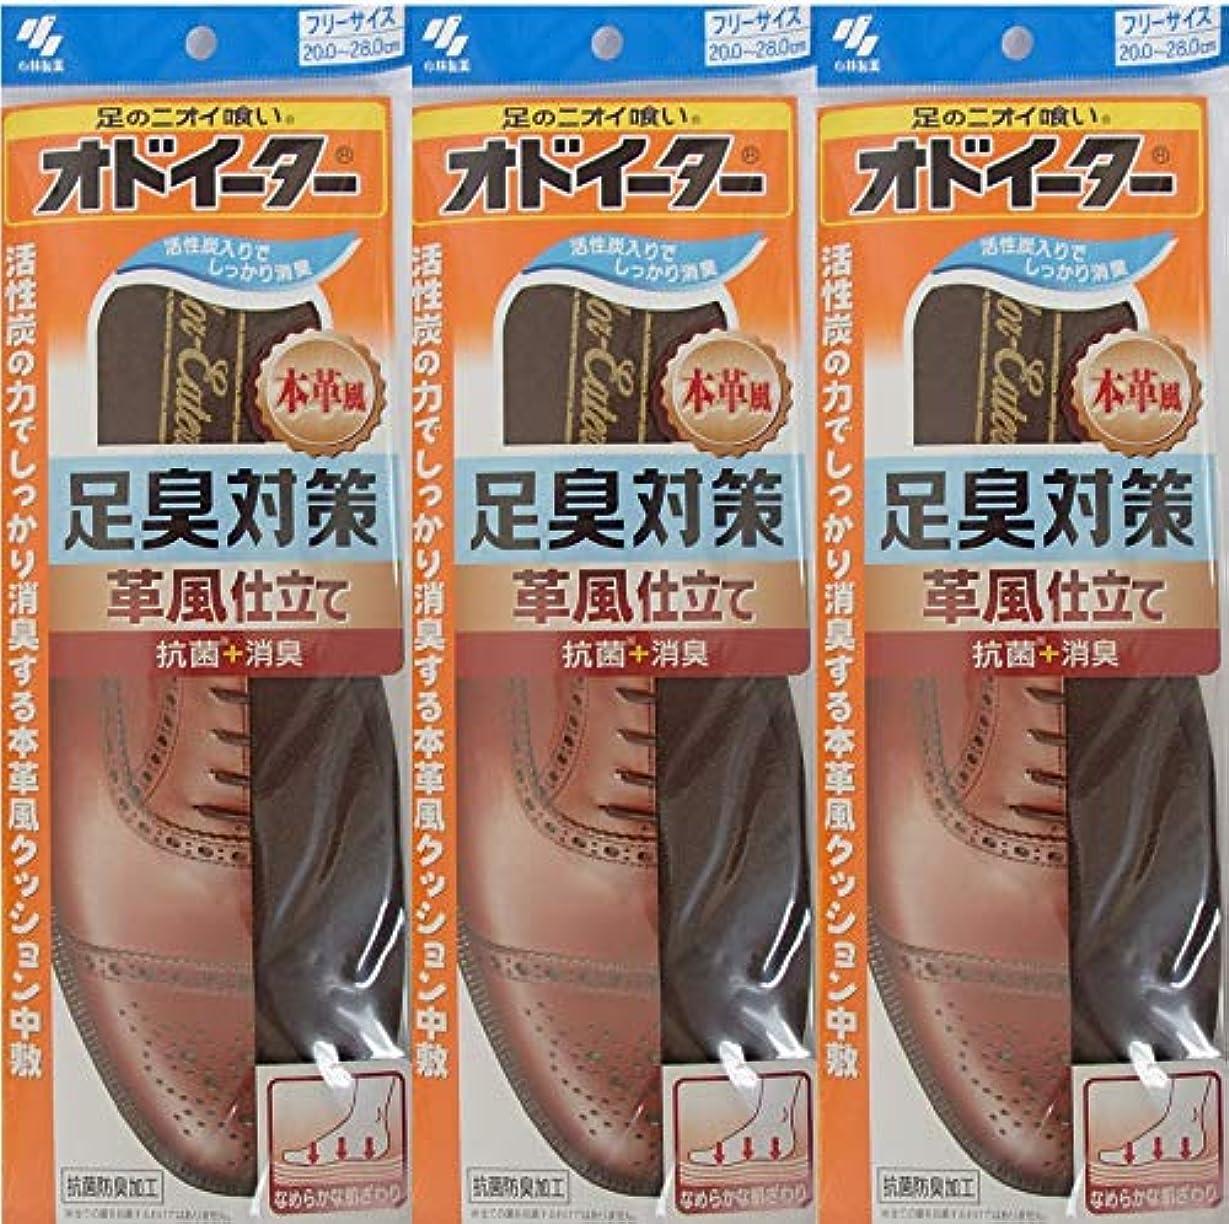 換気する申し立て浸漬オドイーター 足臭対策 革風仕立て インソール フリーサイズ20cm~28cm 3足セット